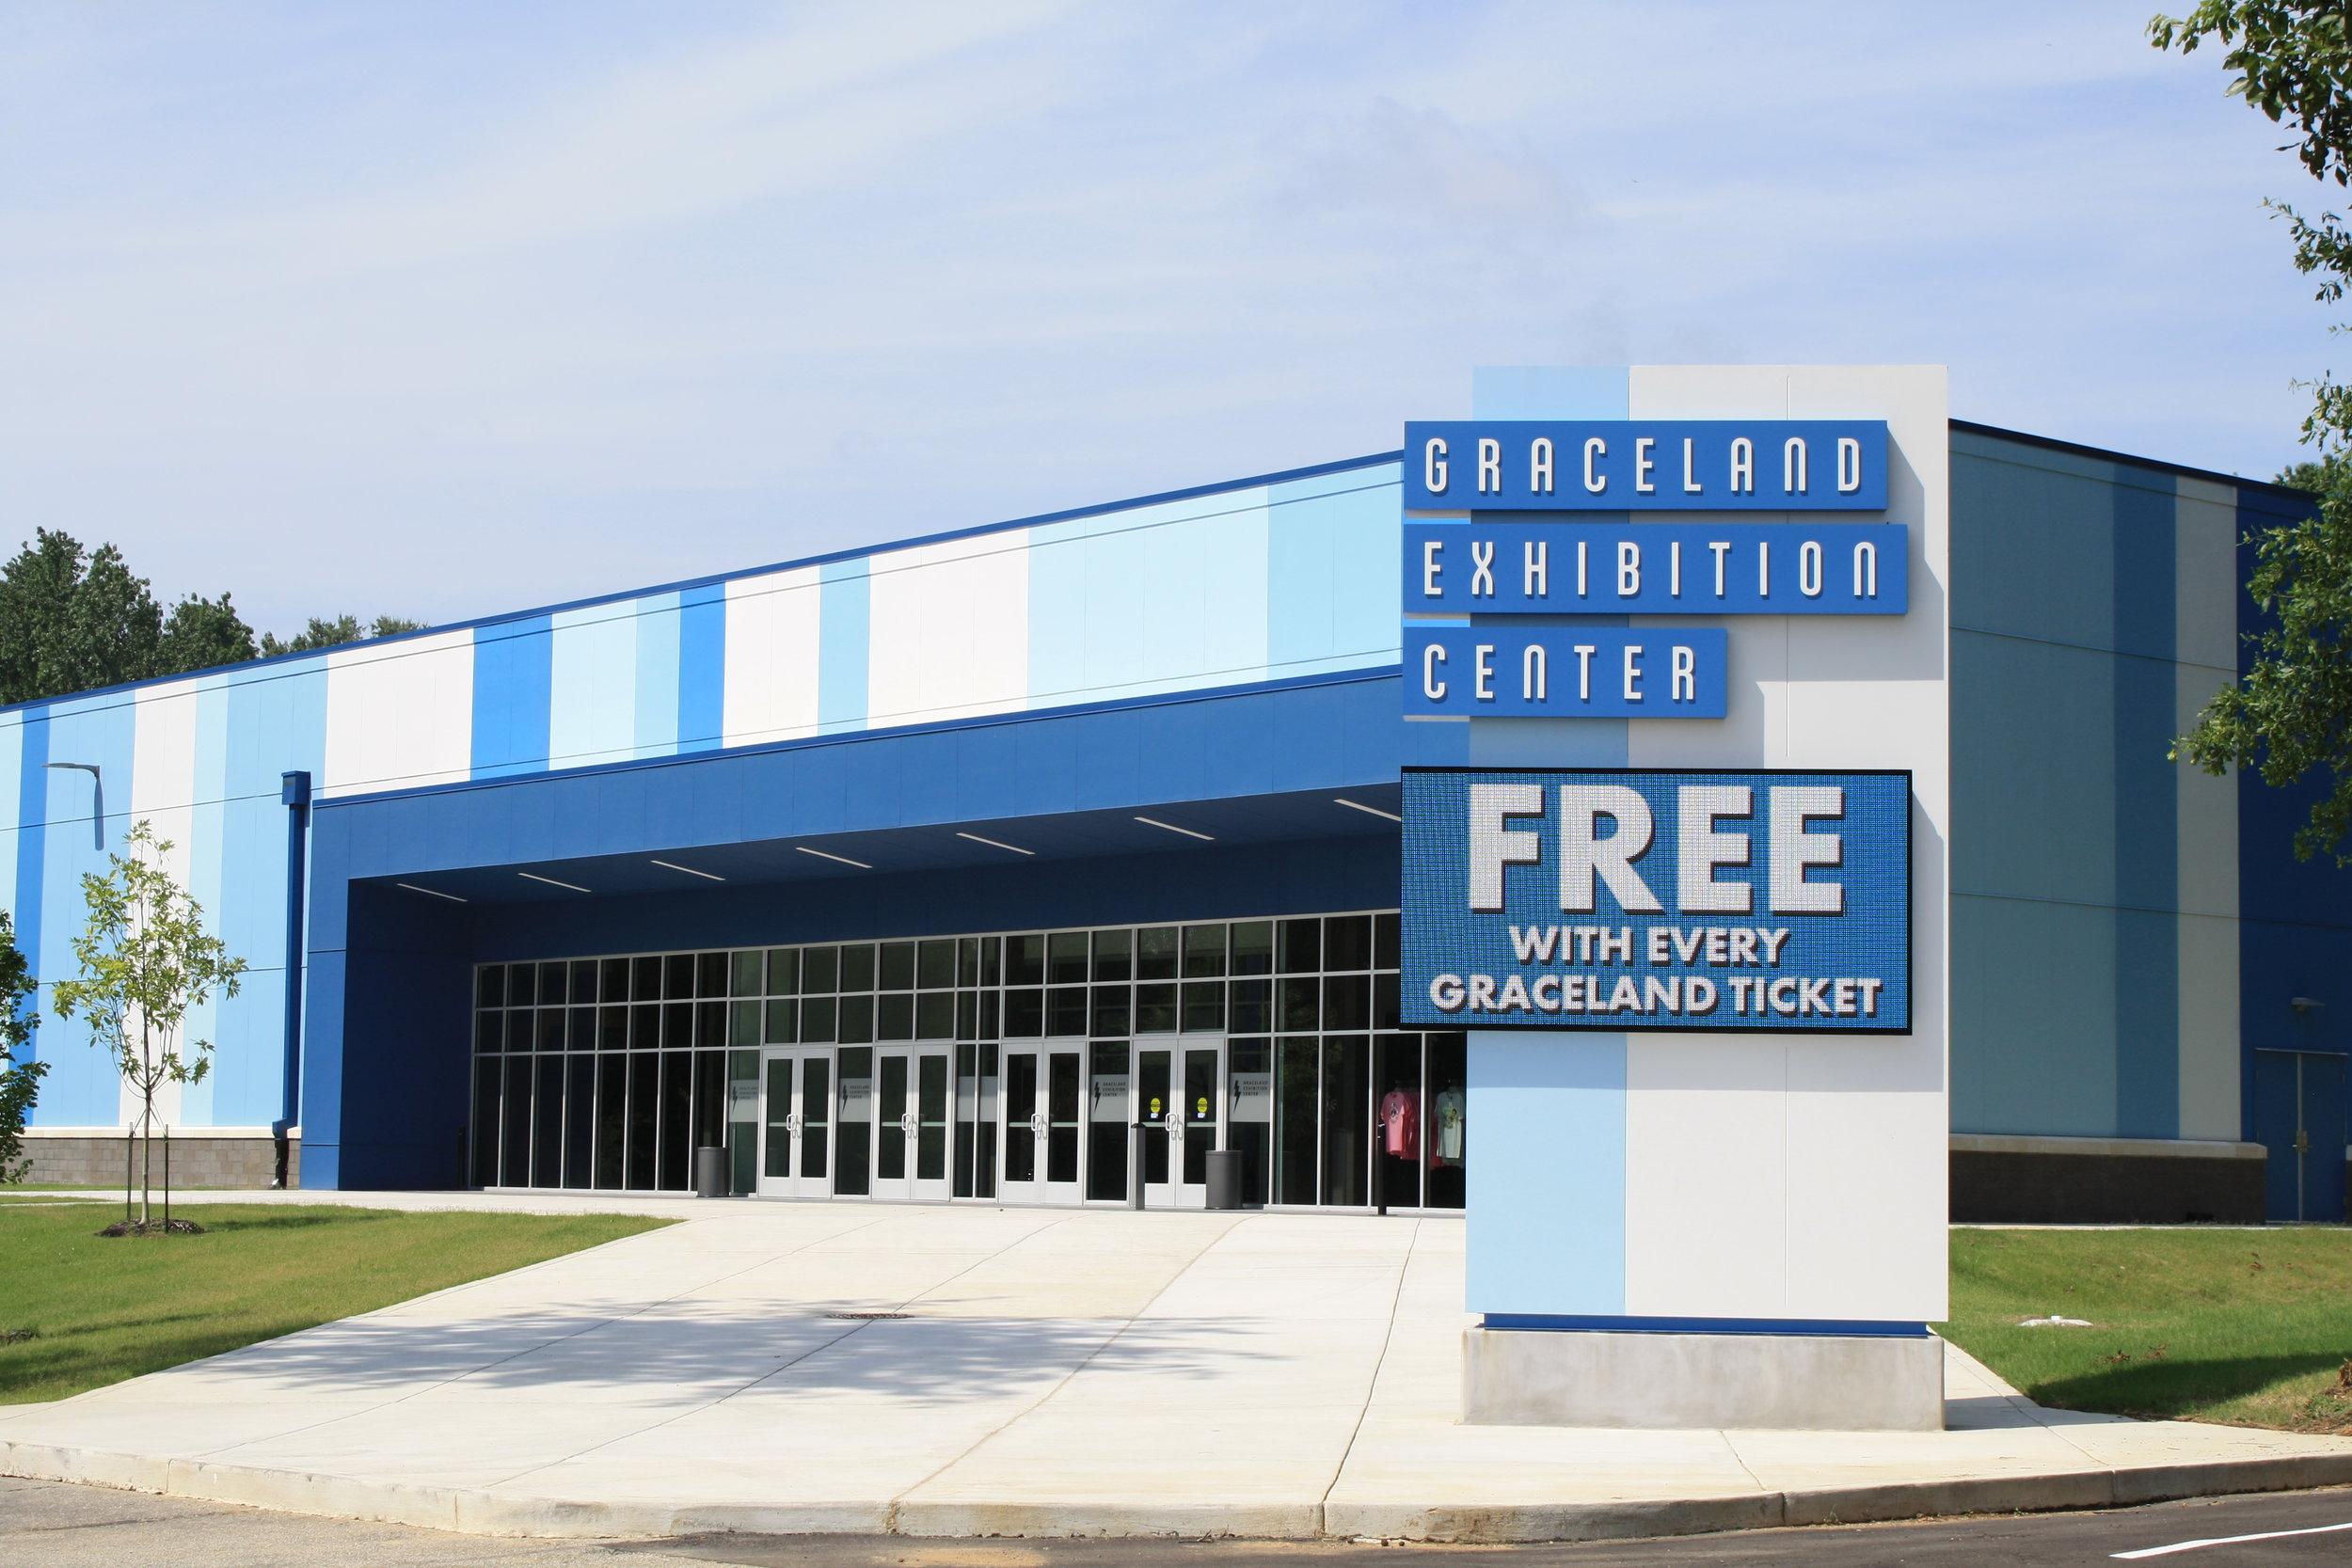 Graceland_Graceland-Exhibition-Center_LSIGraphics_Memphis-TN-1 ..